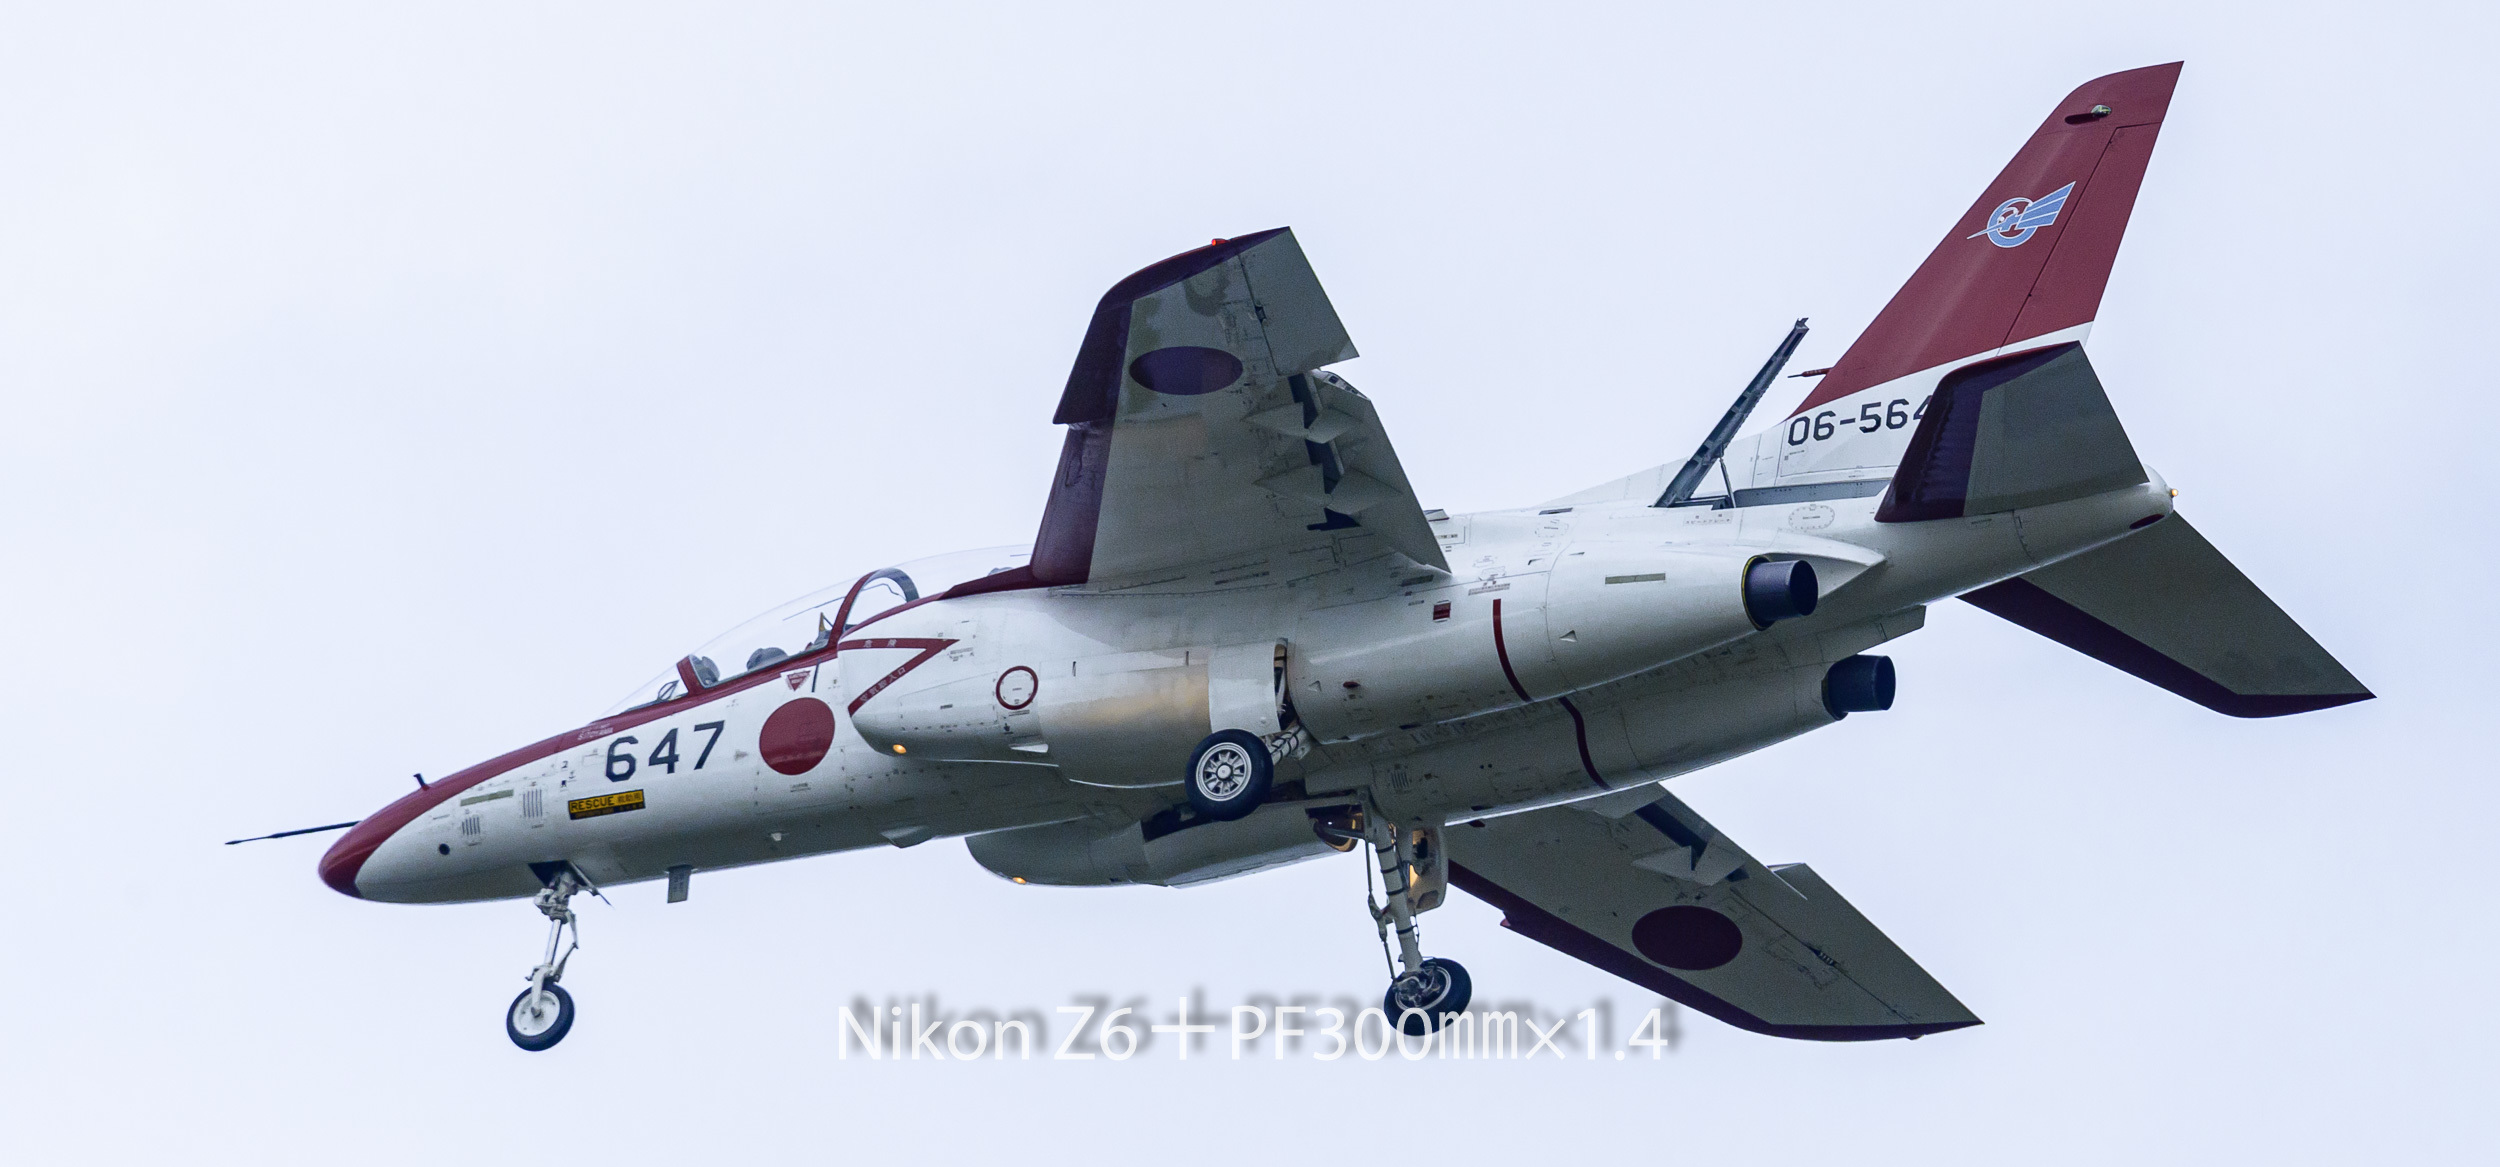 191008 ジェット練習機-32 NIKON Z 6 ISO 1000 420 mm 5196 x 2425